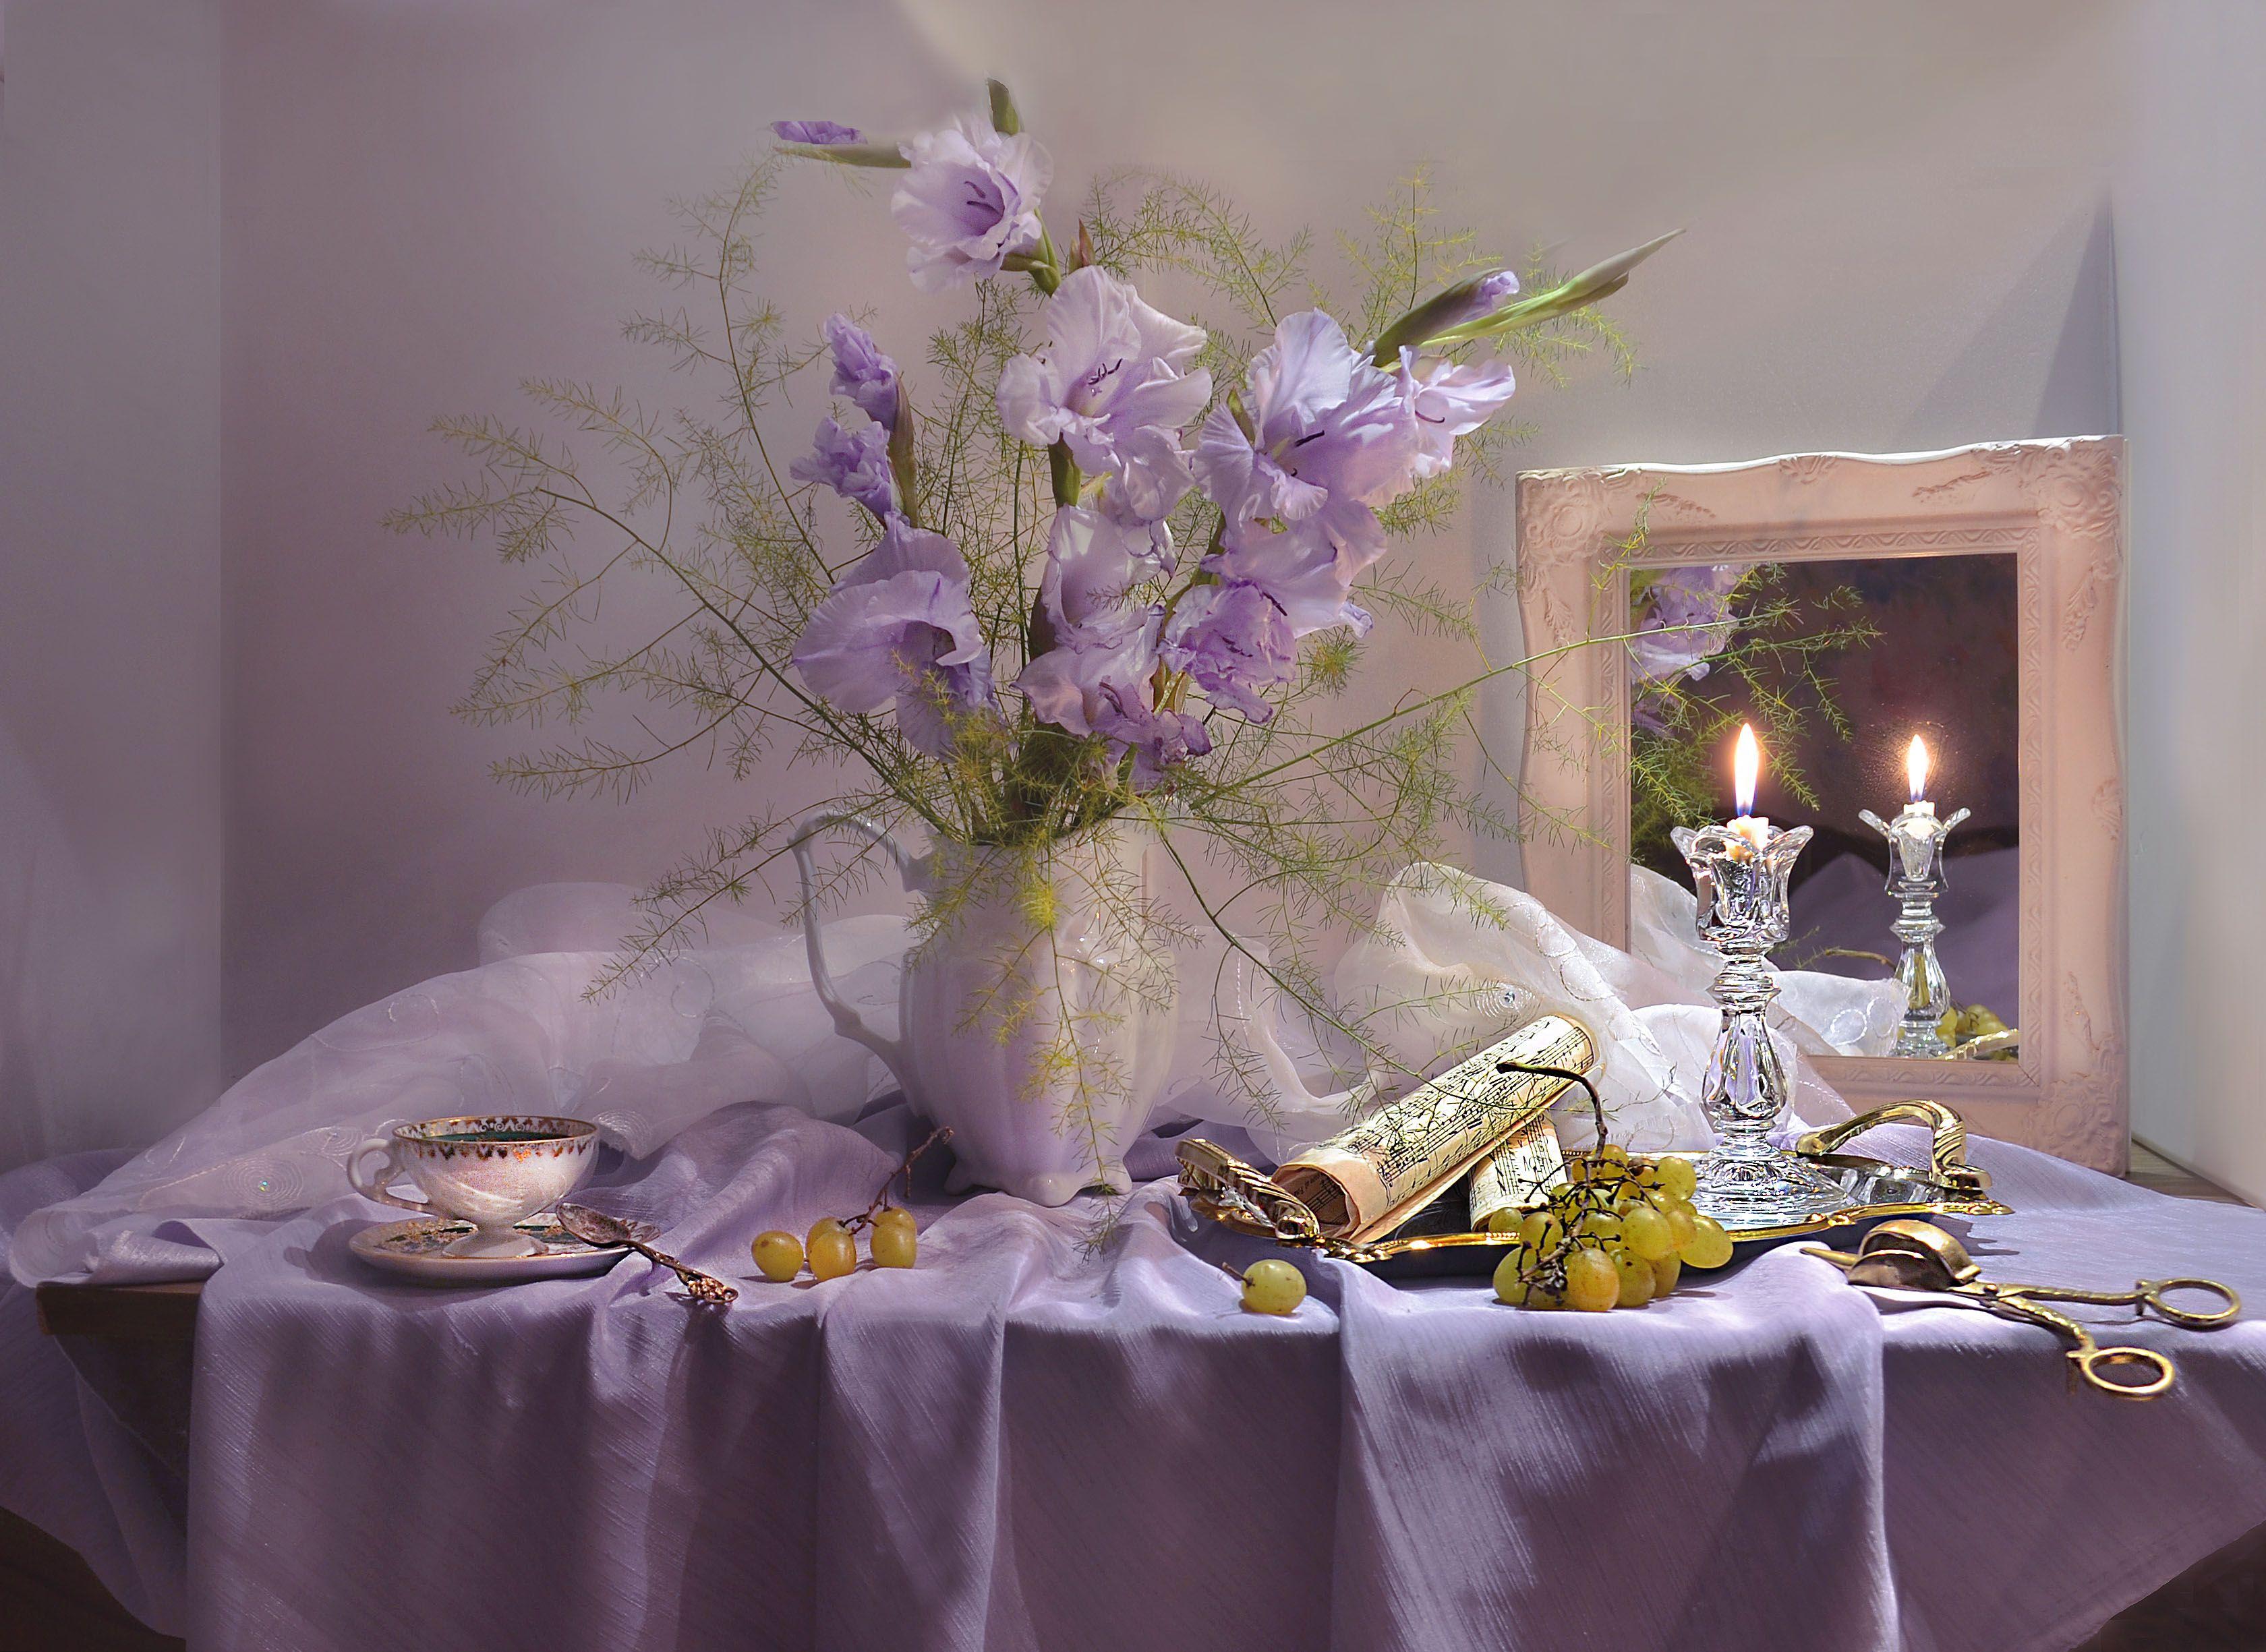 still life, натюрморт, цветы, гладиолусы, ноты, фото натюрморт, фарфор, подсвечник, свеча, осень, сентябрь, зеркало, отражение, Колова Валентина